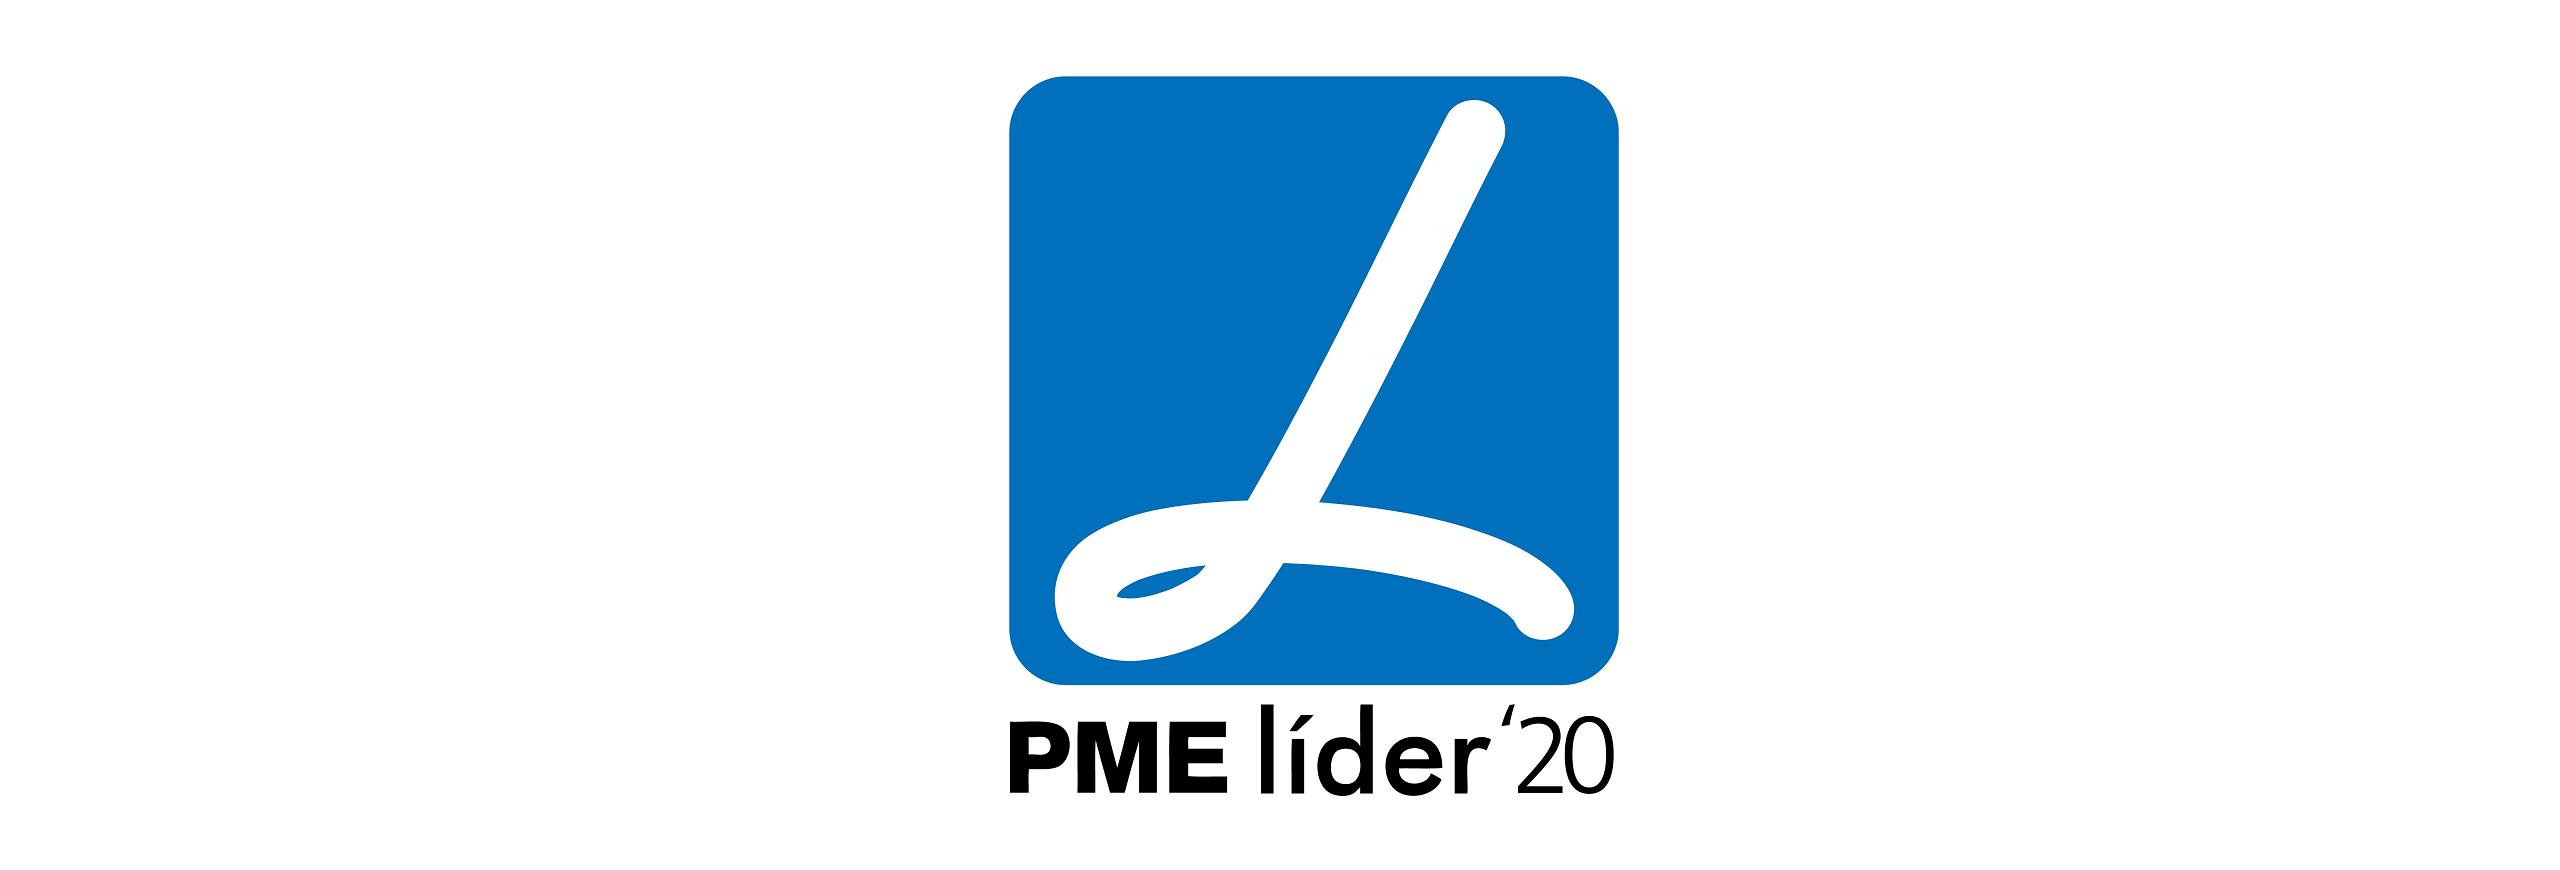 JMCS distinguida como PME Líder 2020